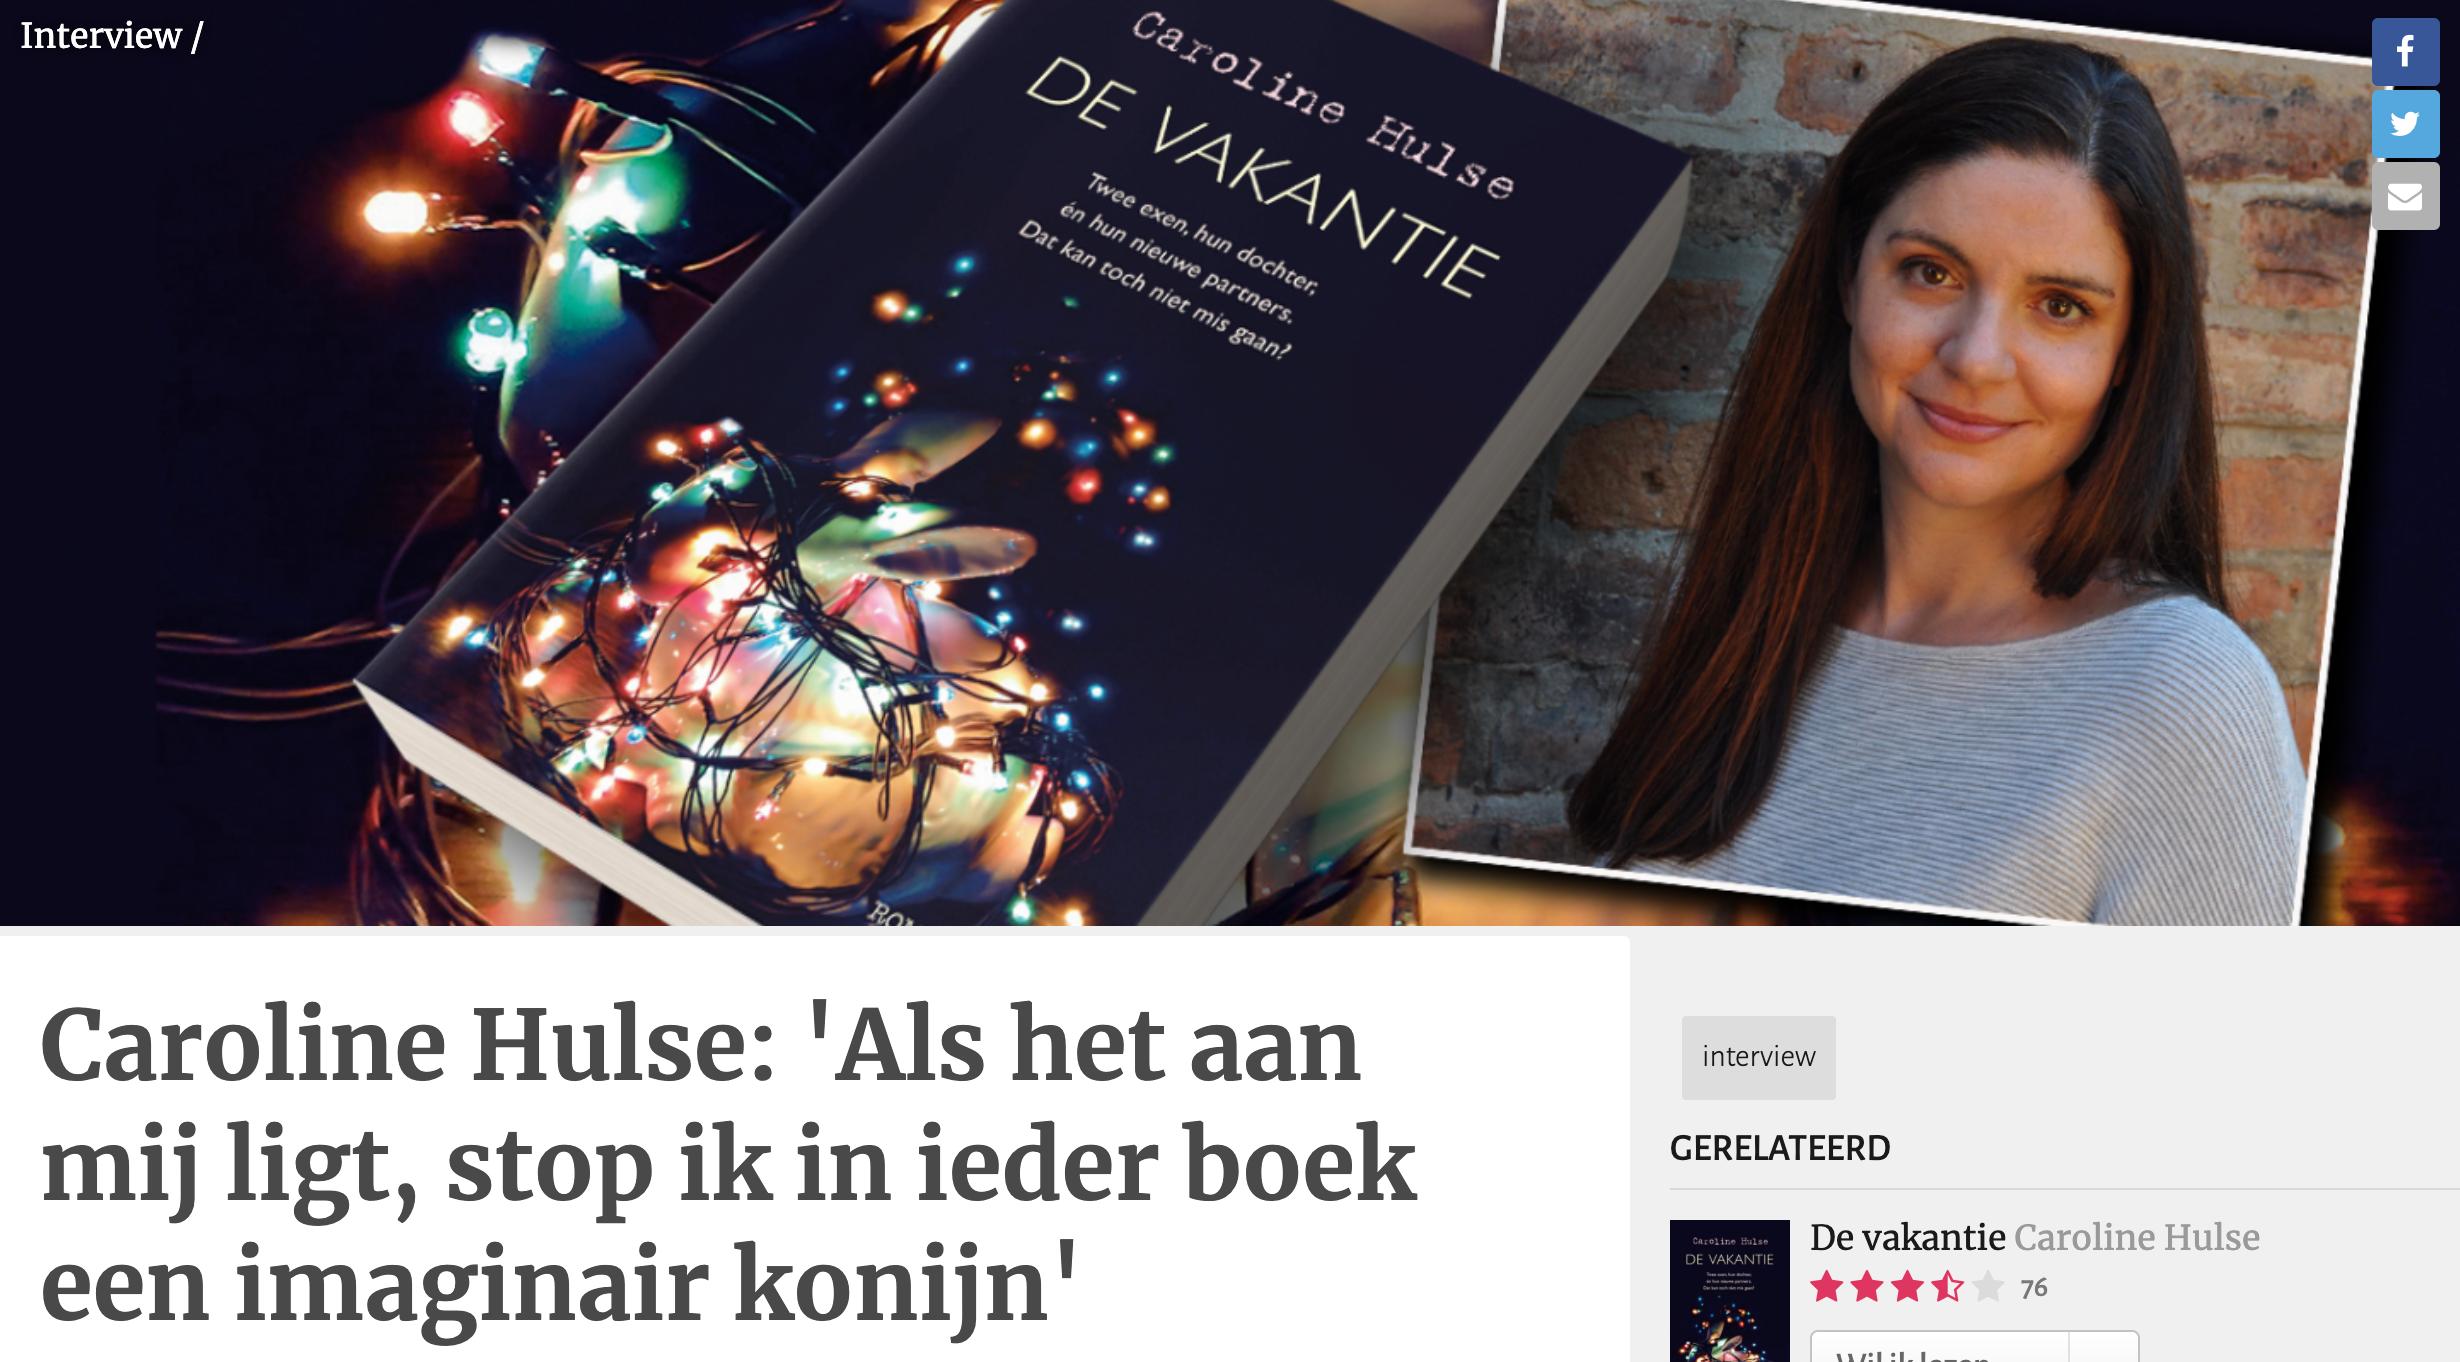 Caroline Hulse: 'Als het aan mij ligt, stop ik in ieder boek een imaginair konijn'